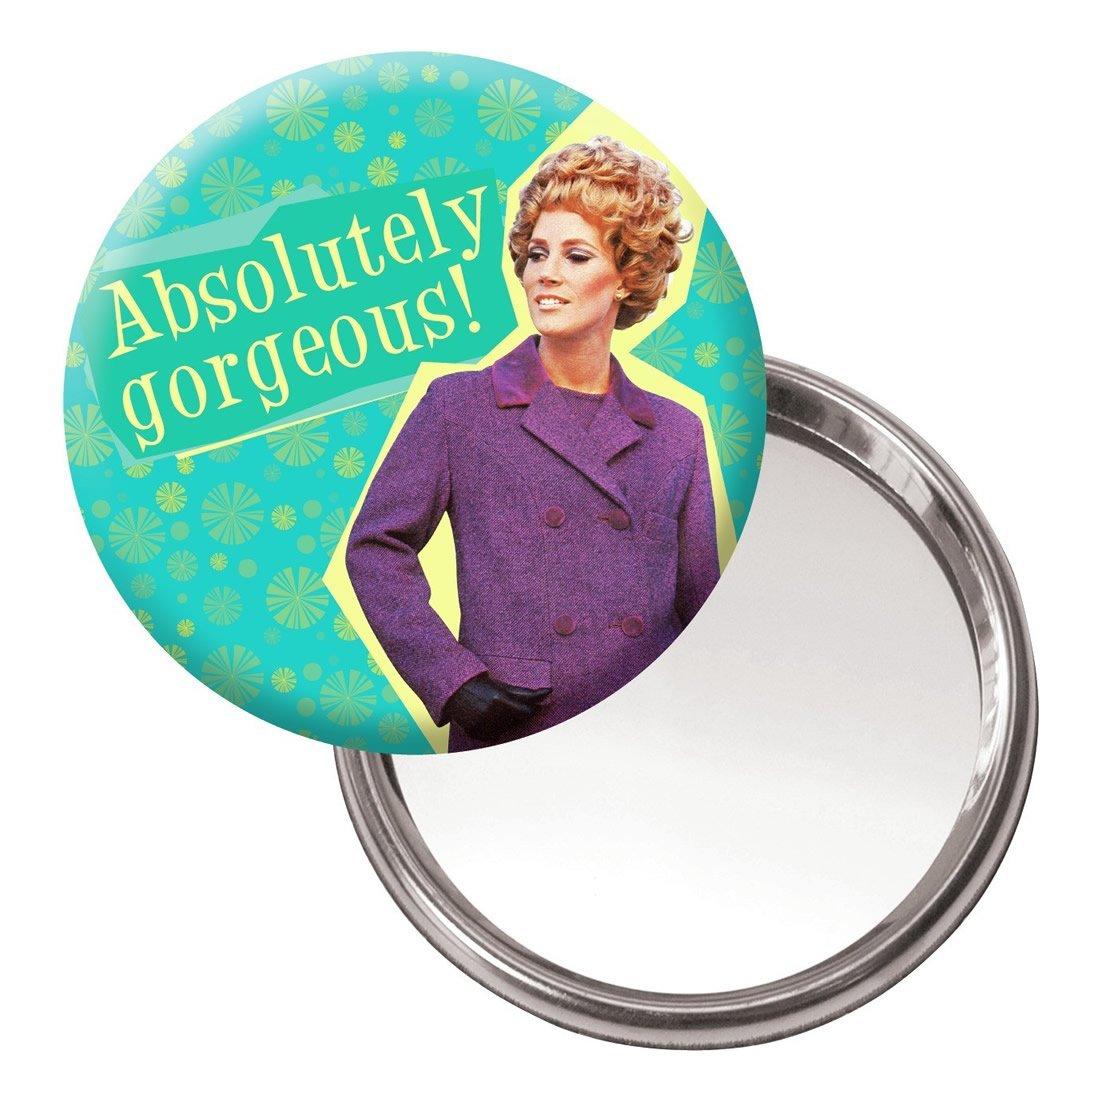 New Absolutely Gorgeous Handbag Makeup Mirror Retro Ladies